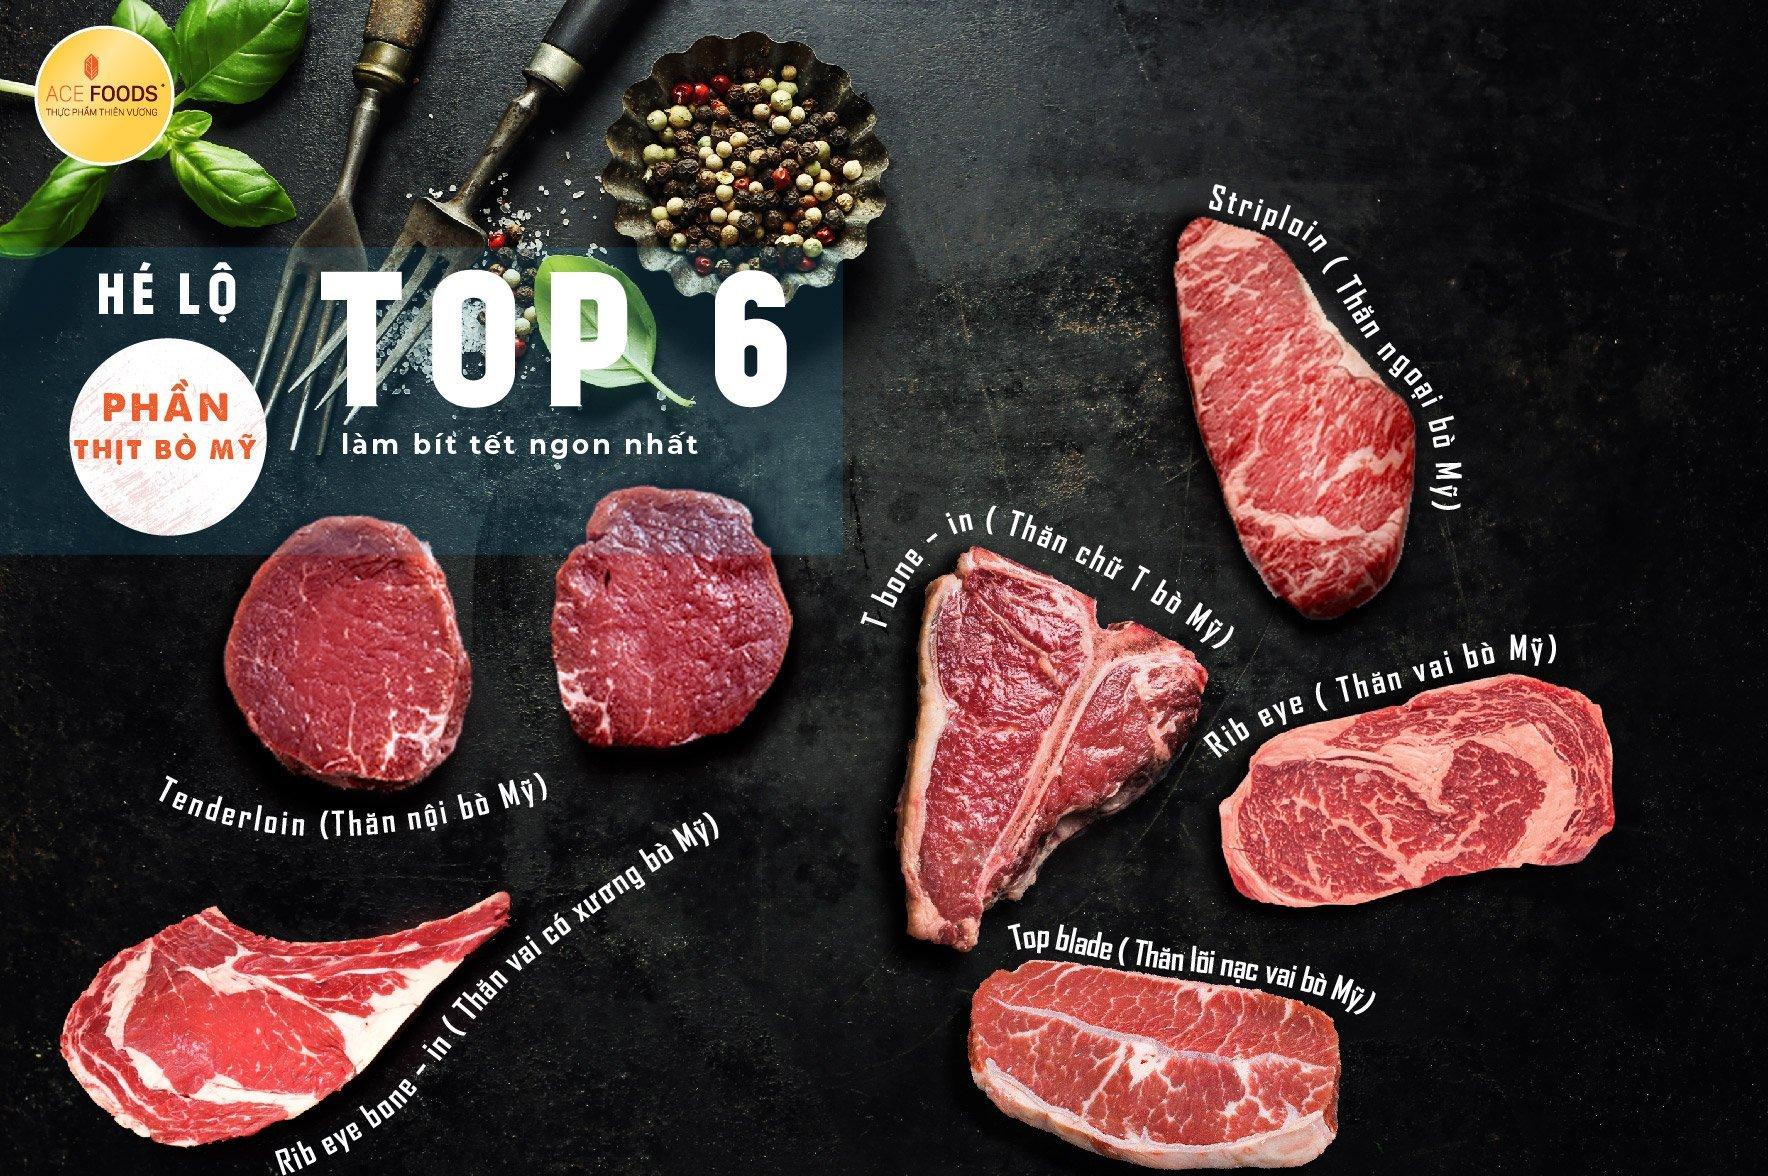 6 phần thịt bò làm beefsteak ngon nhất